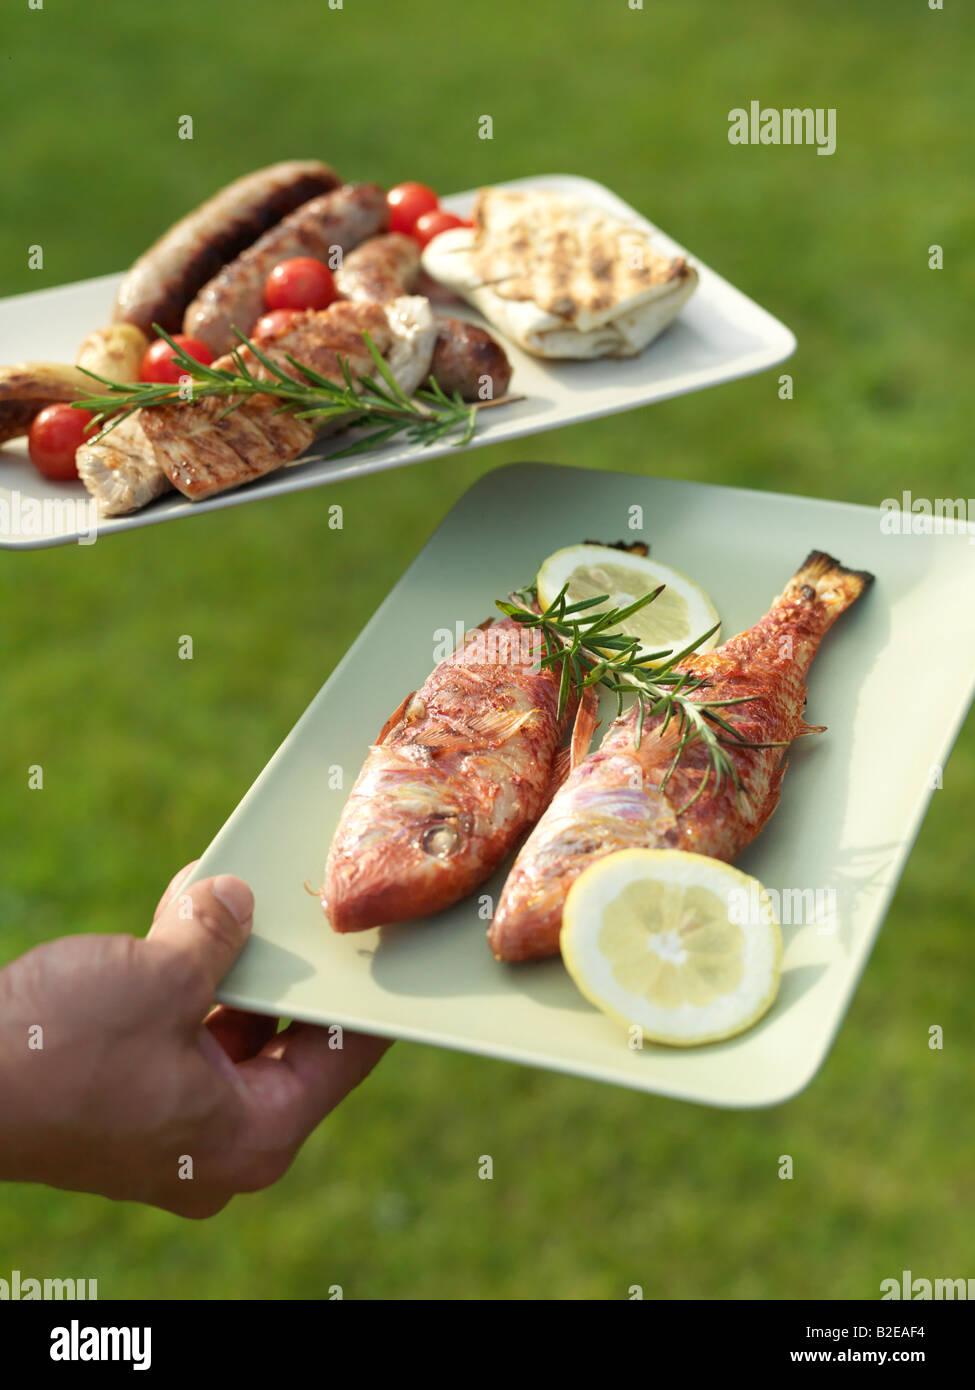 Nahaufnahme der Person, die Hand, die gegrillten Speisen auf Platten Stockfoto